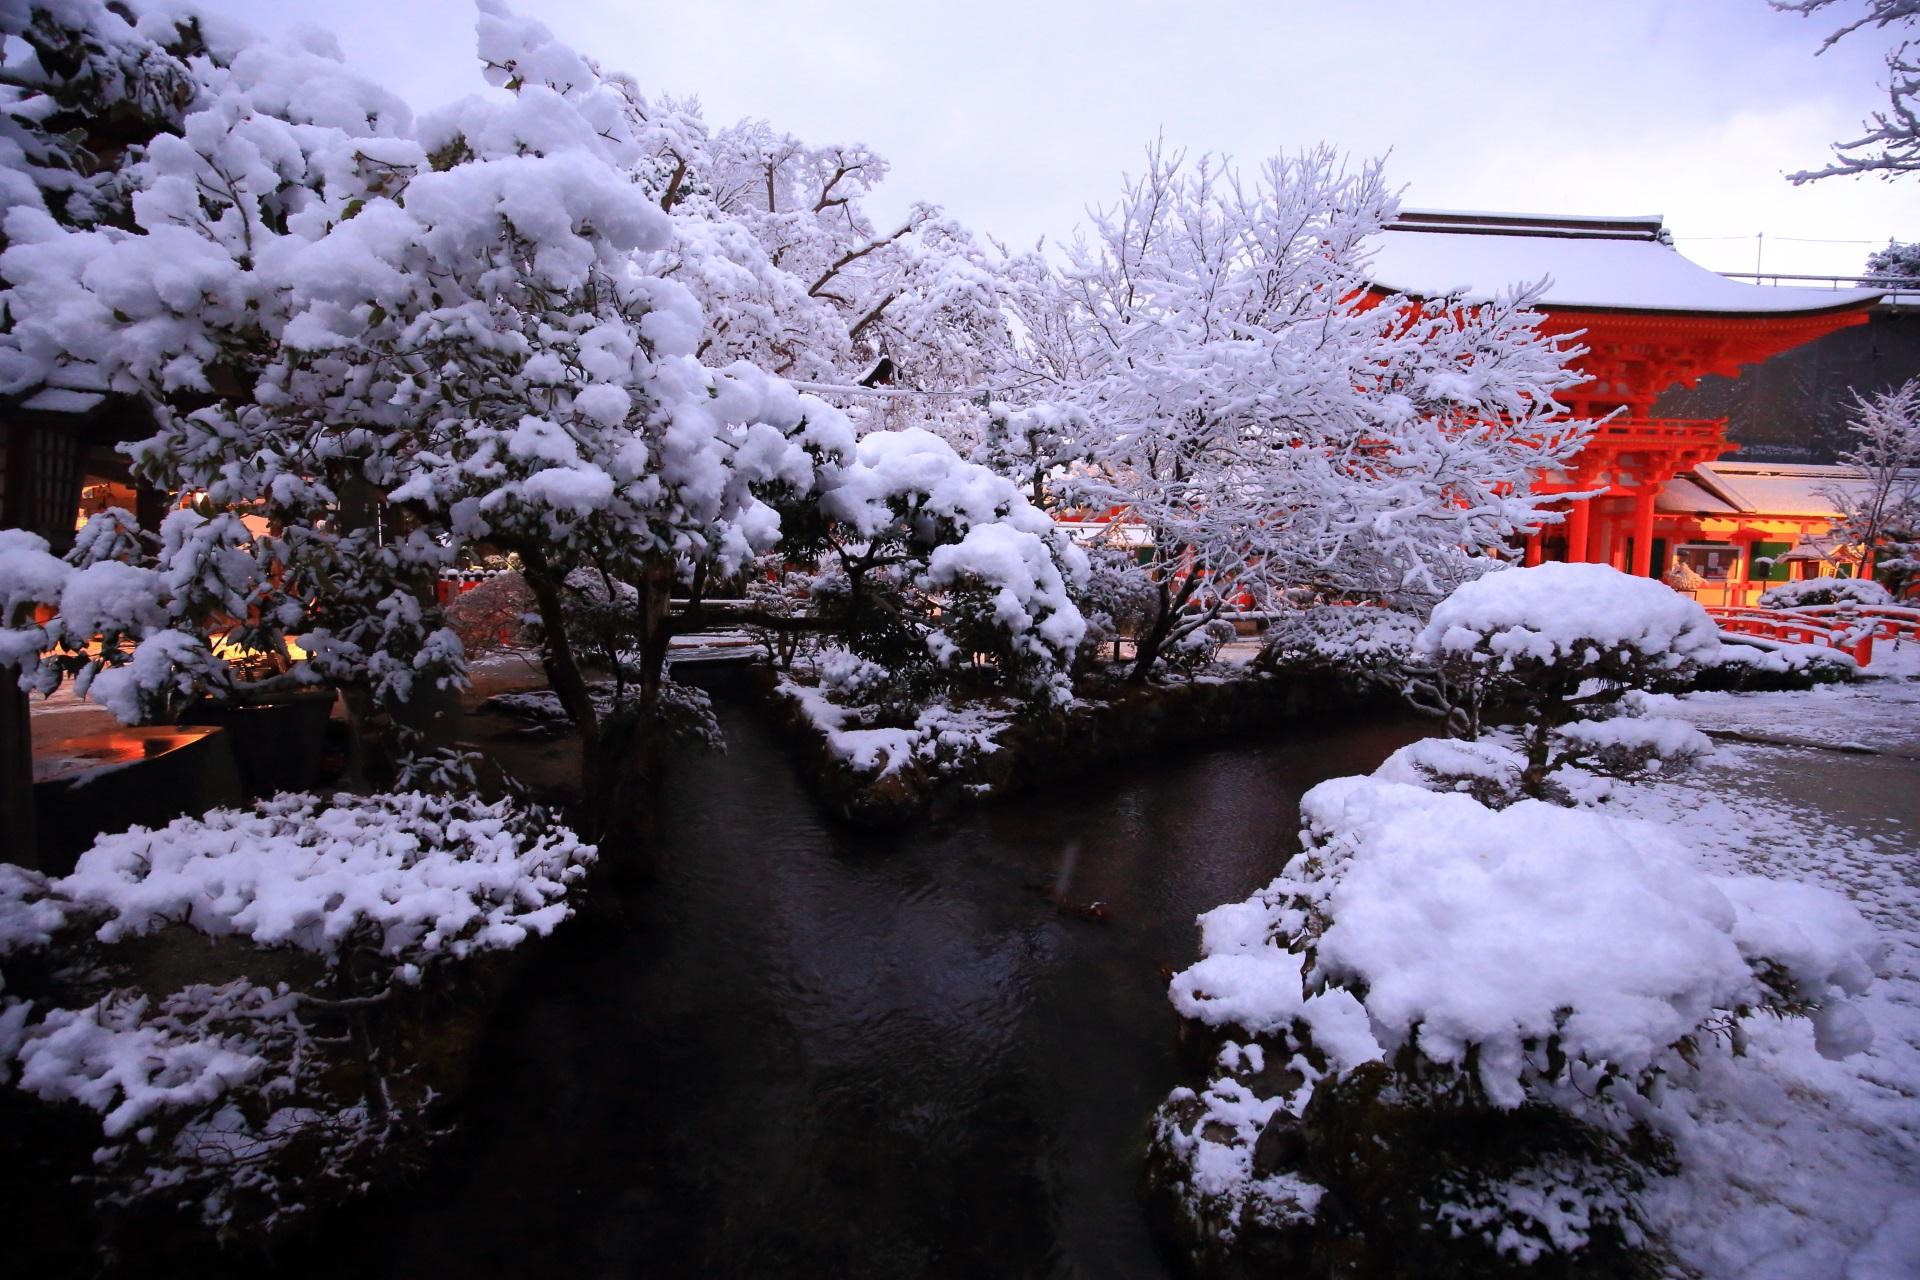 上賀茂神社の御手洗川と楼門の雪景色